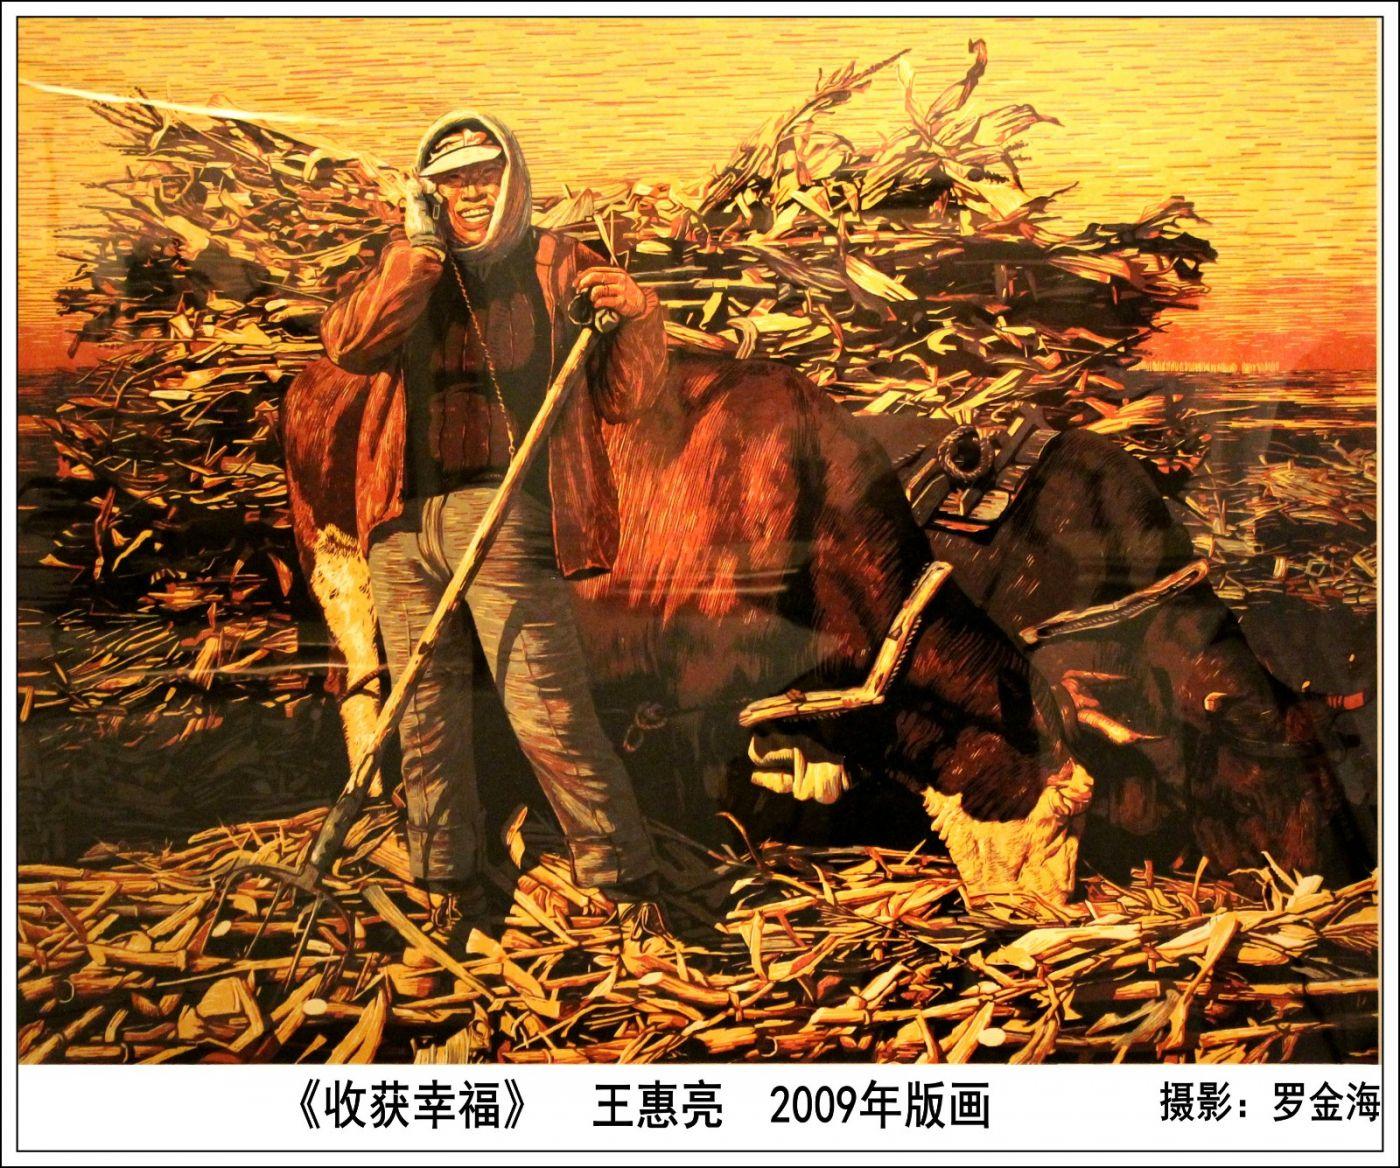 金气秋分雨(七律三首)_图1-1